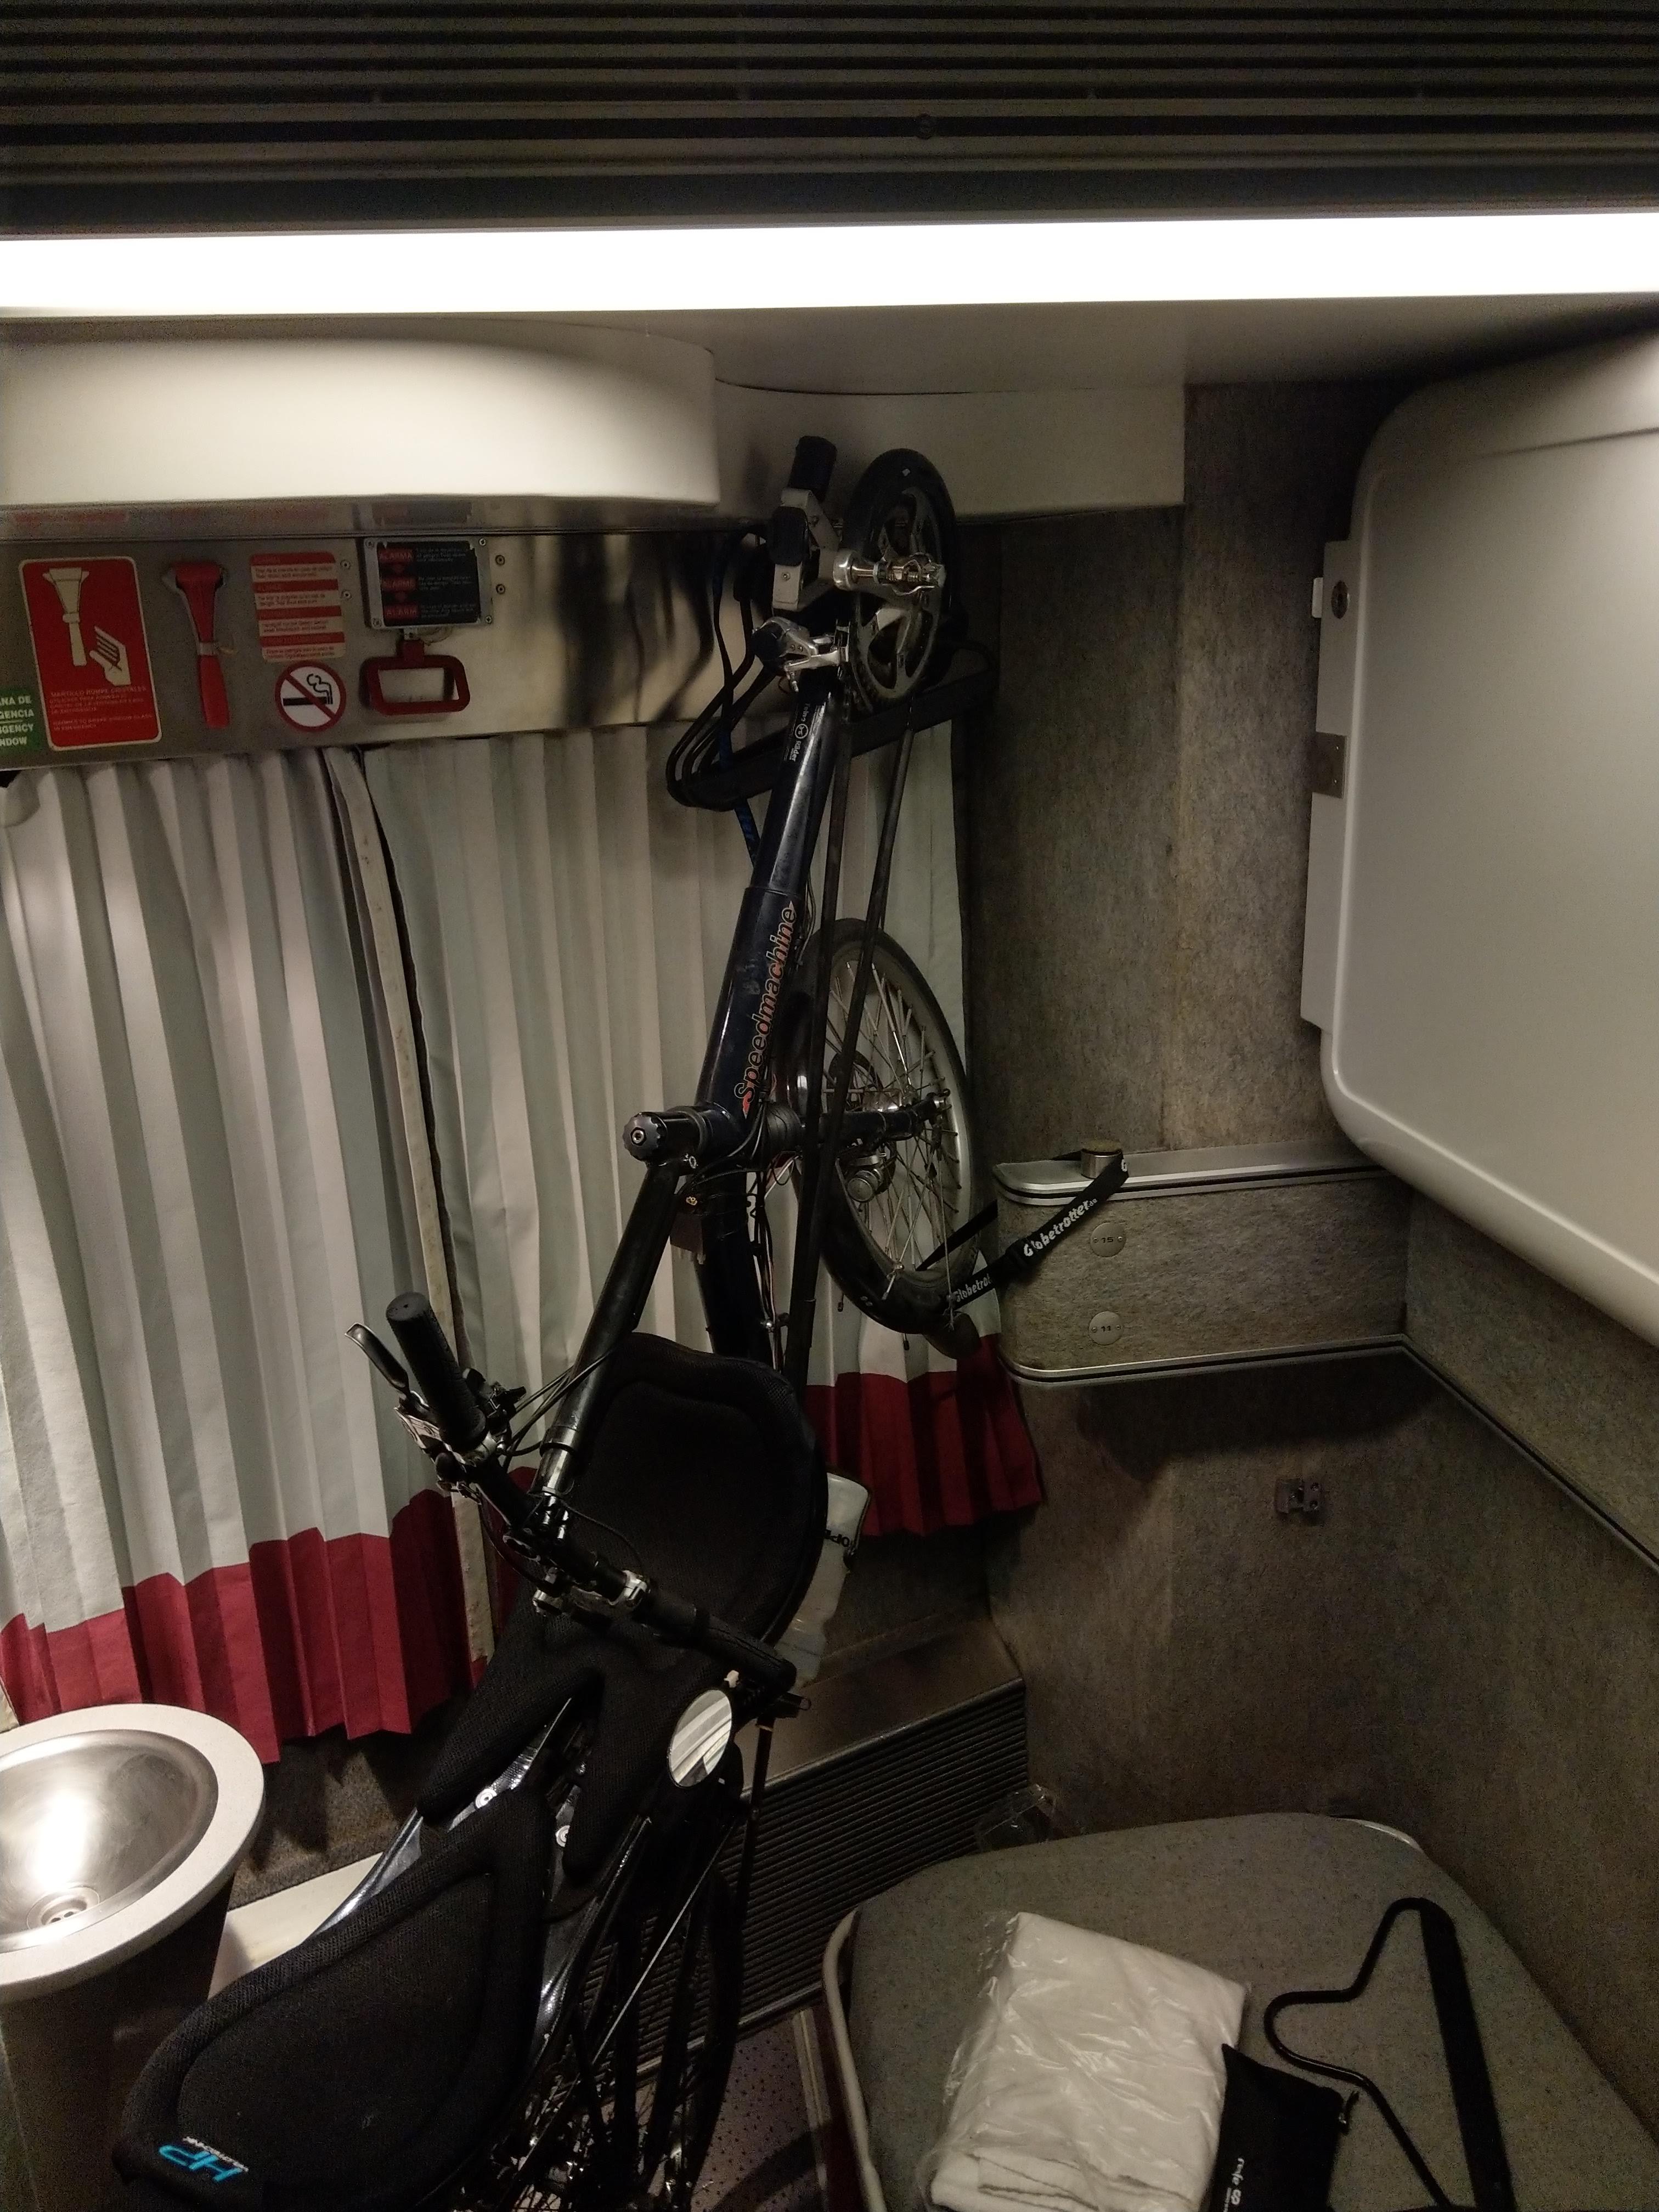 Fahrrad im Nachtzugabteil